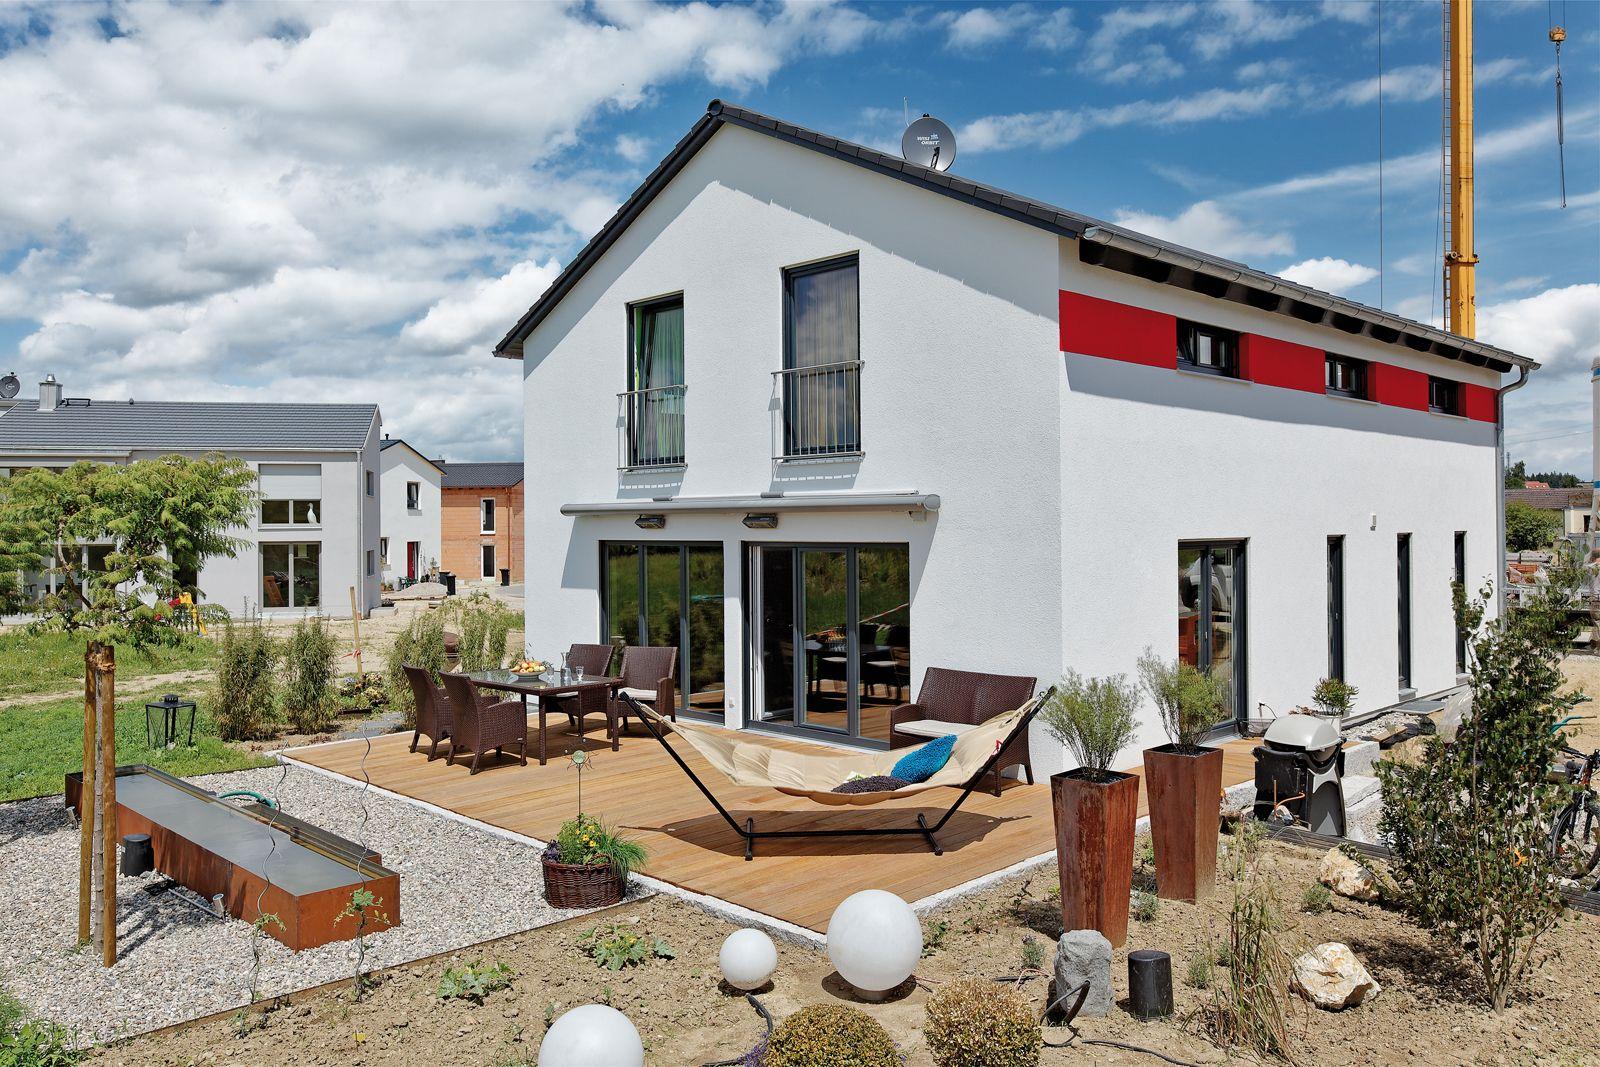 satteldach landhaus 159 der schlichte rote streifen macht das klassische satteldachhaus zu etwas. Black Bedroom Furniture Sets. Home Design Ideas